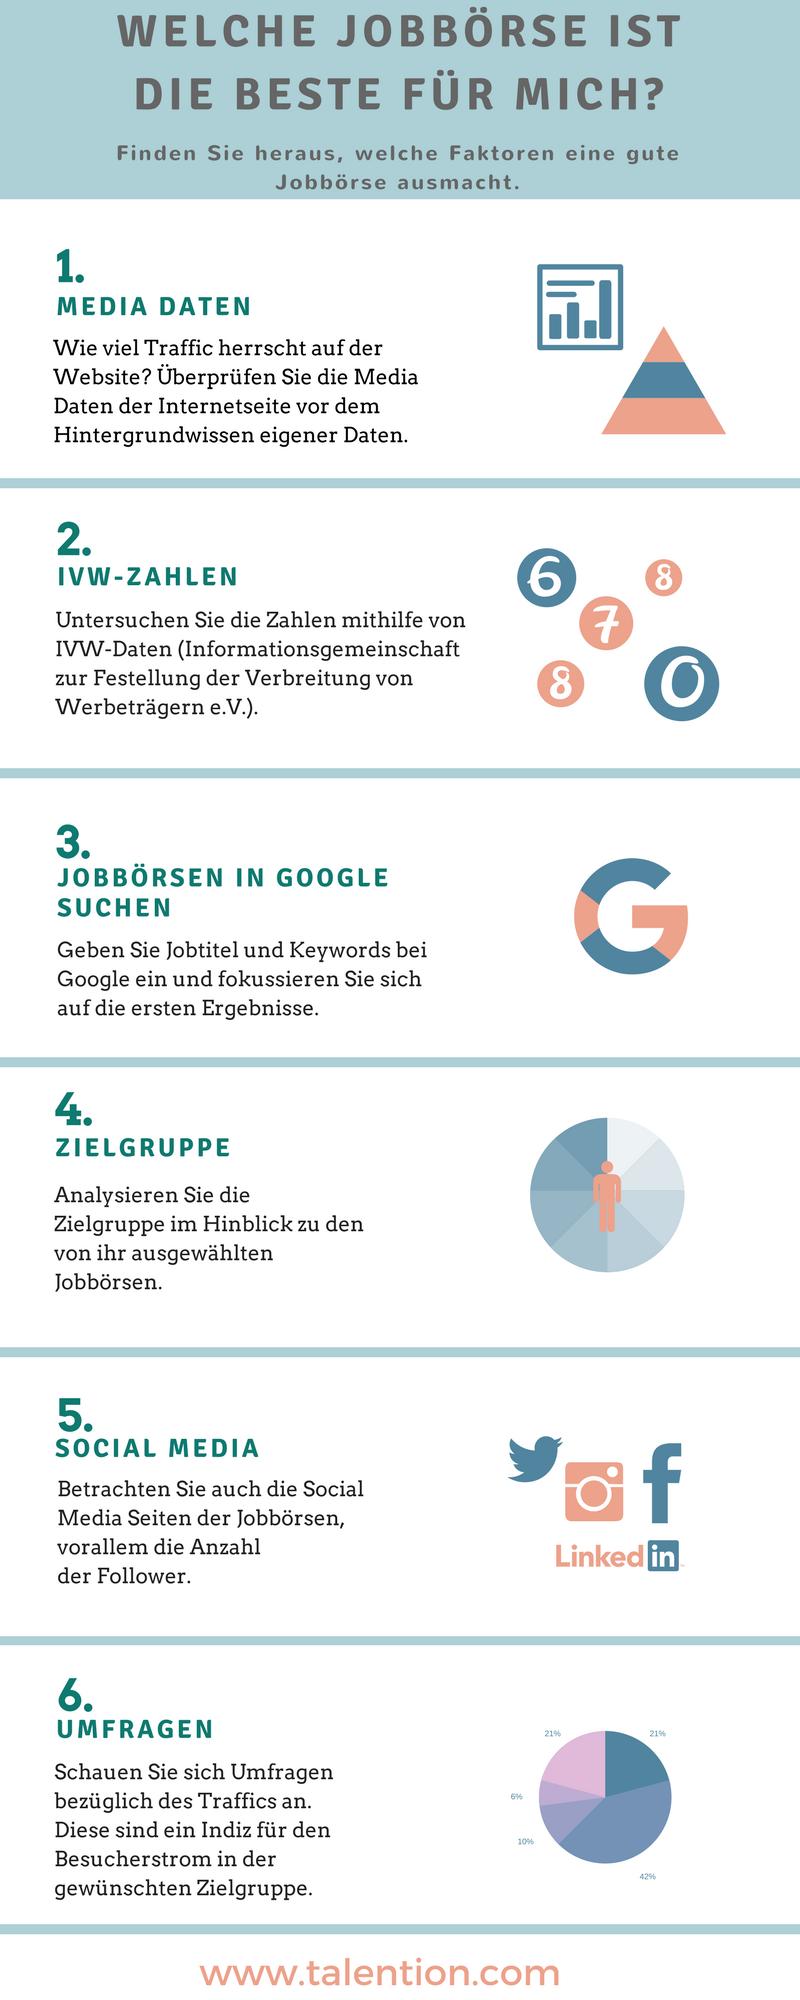 Infografik - Welche Jobbörse ist die Beste?